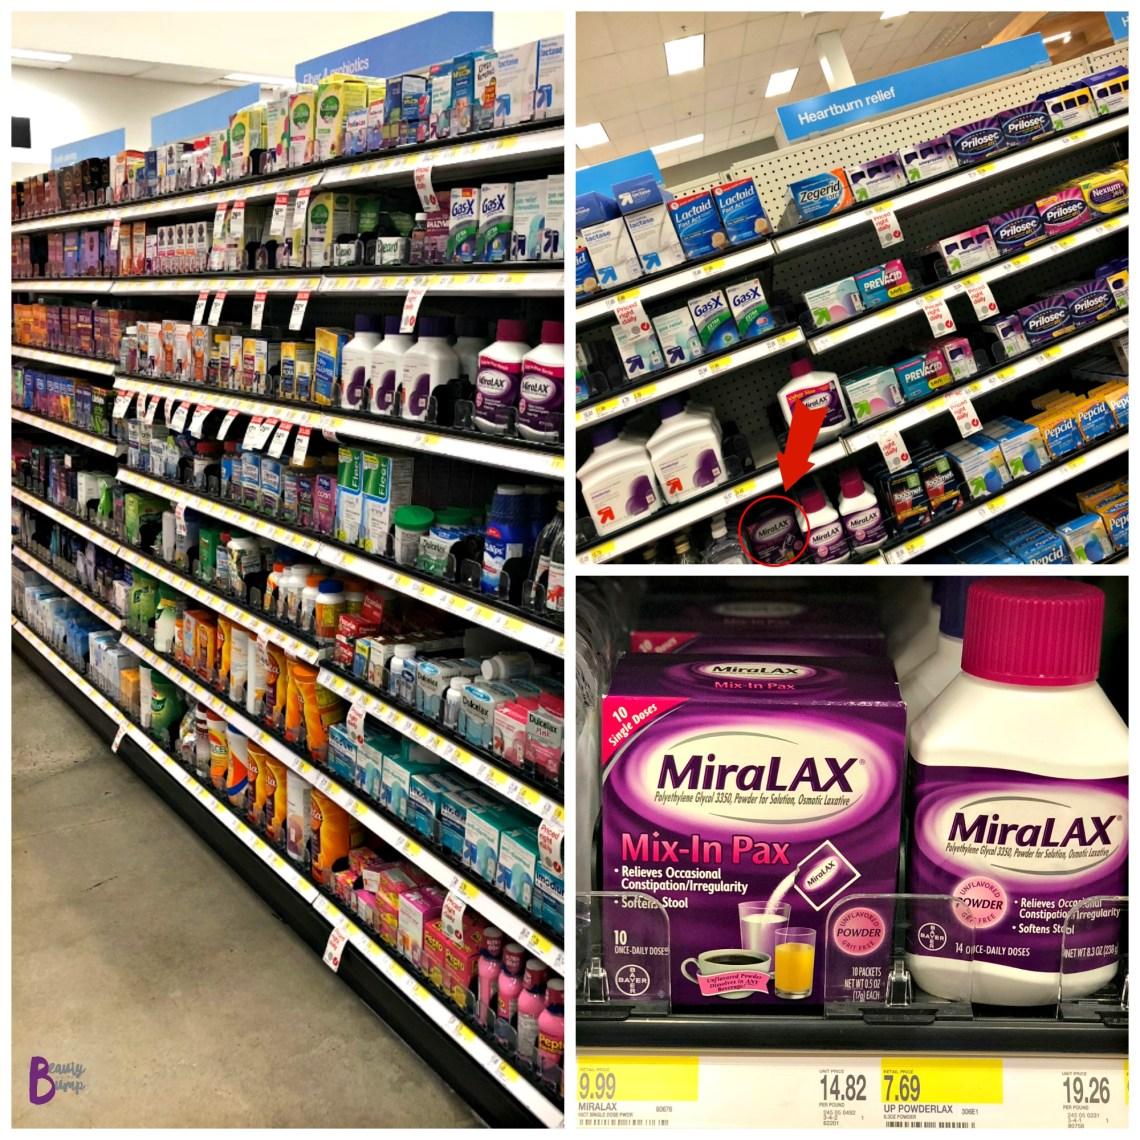 MiraLAX Mix-in-Pax Target